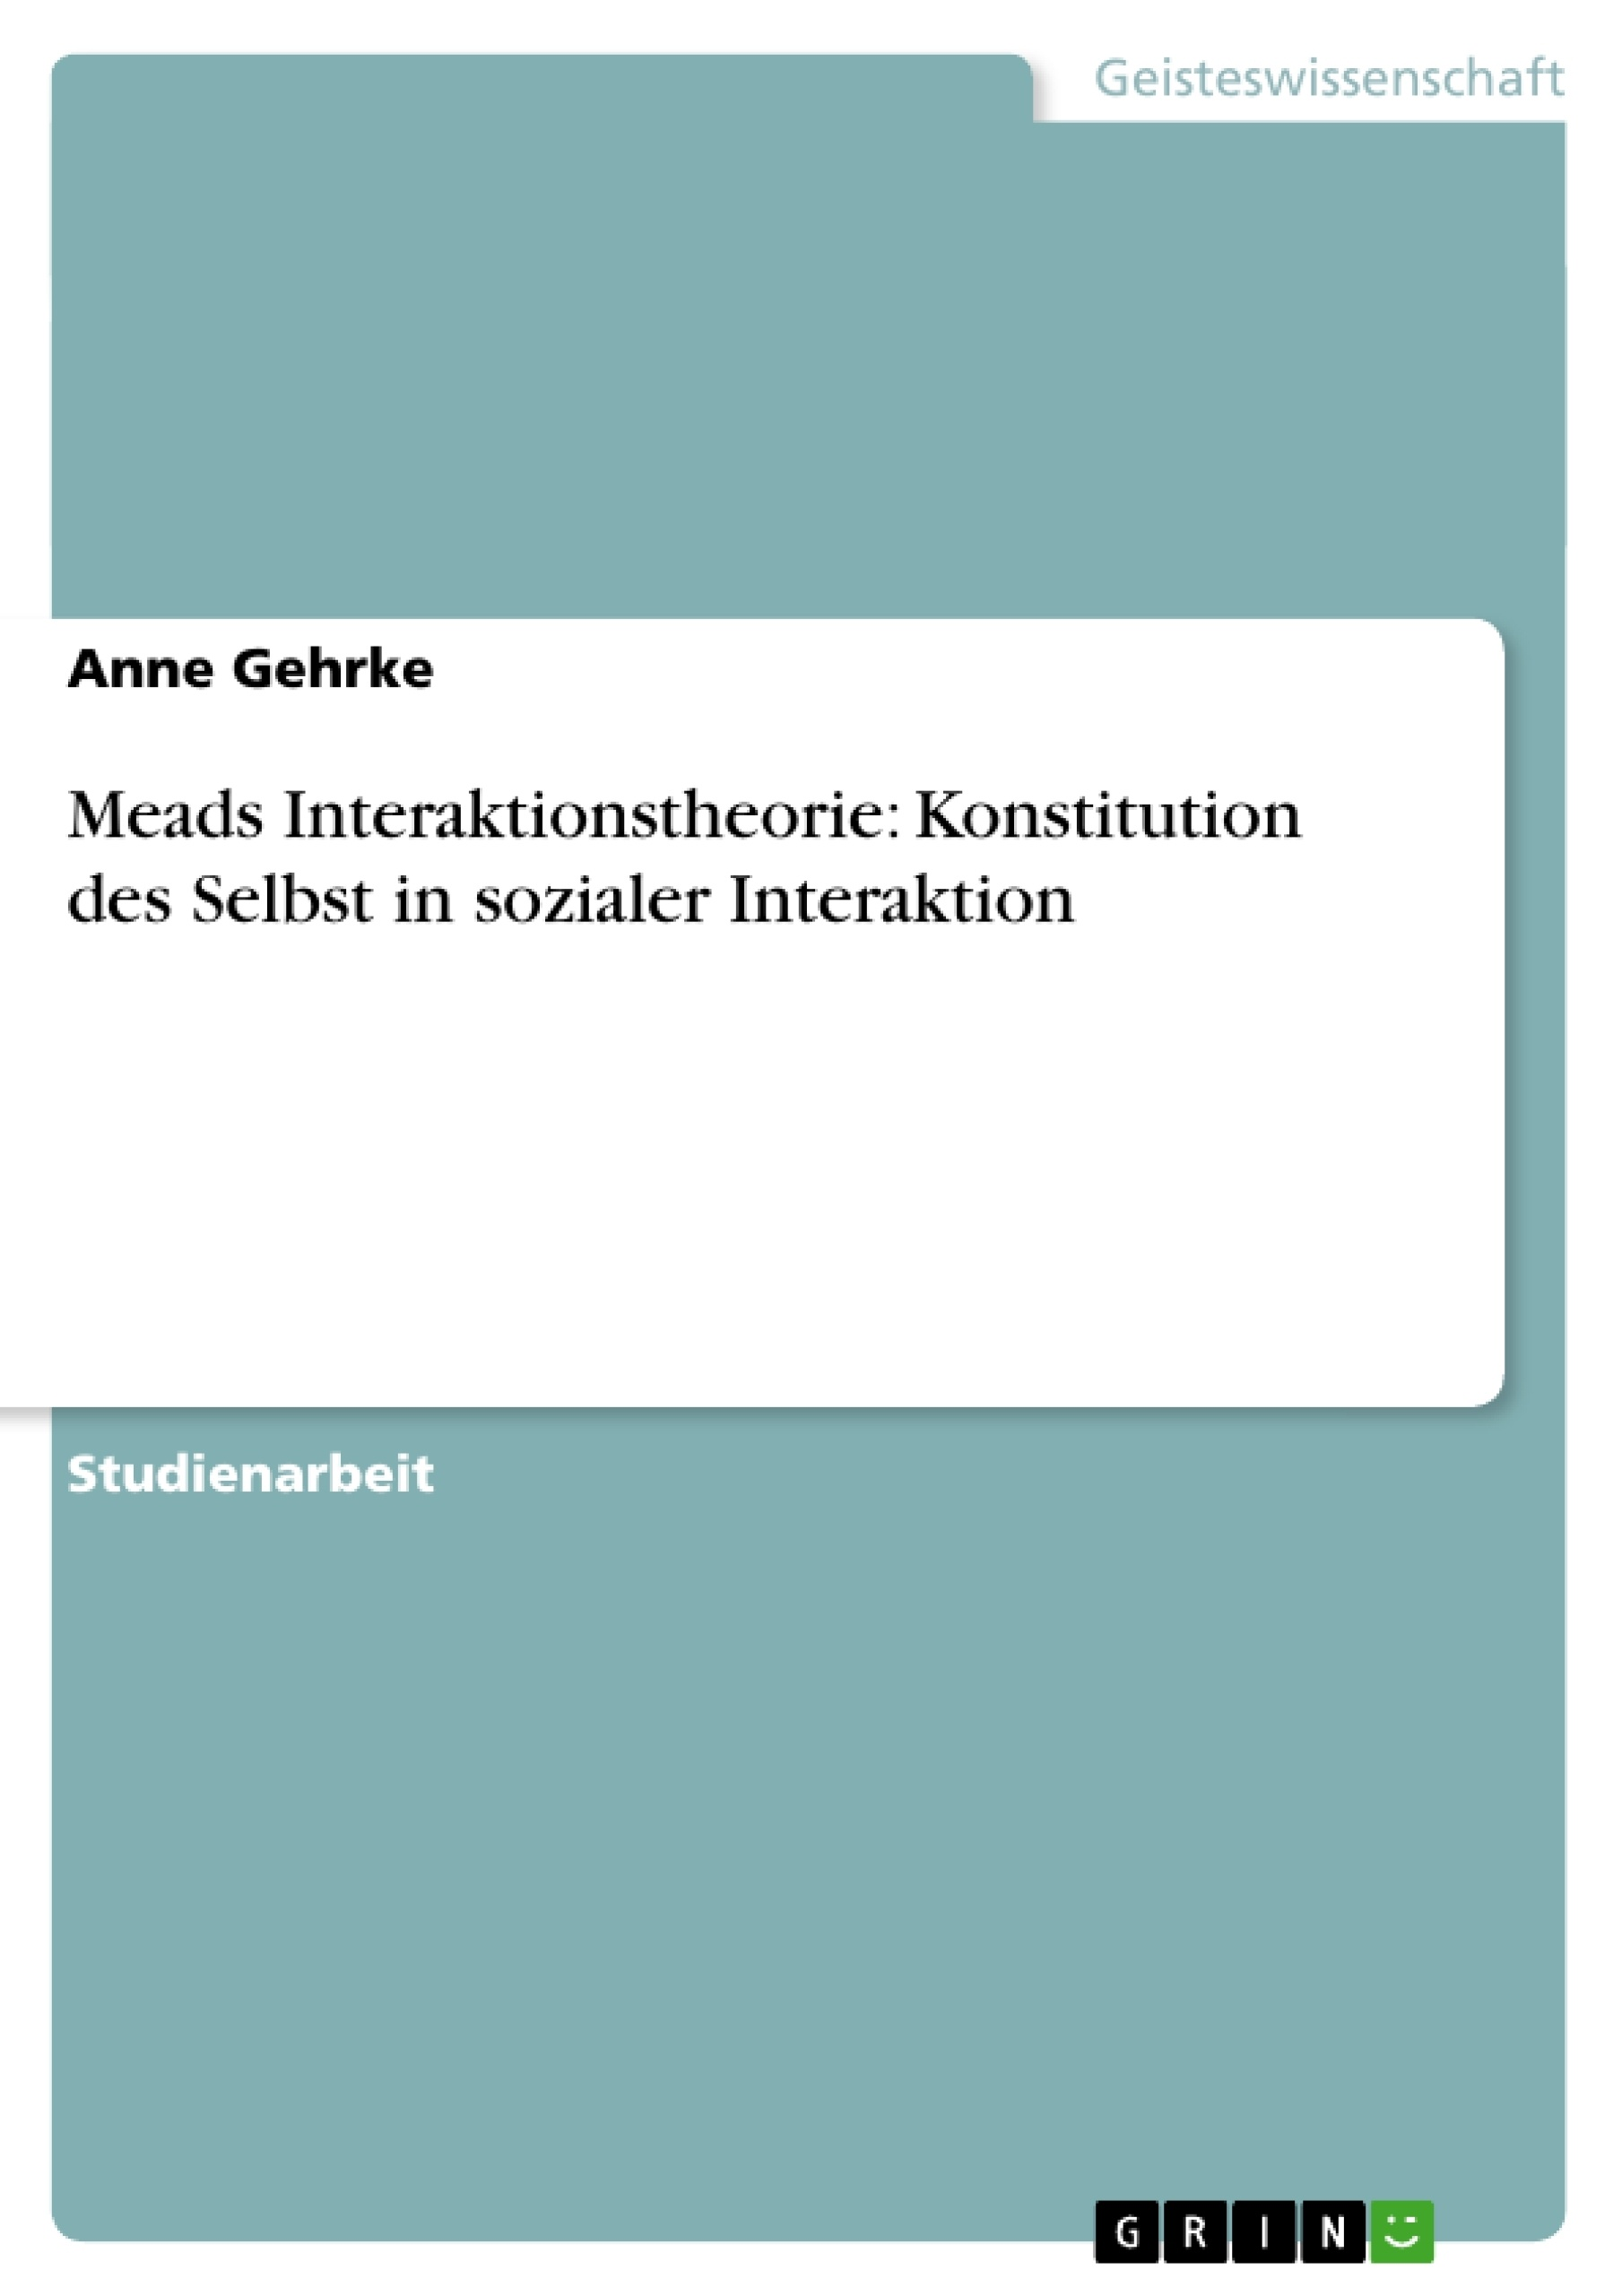 Titel: Meads Interaktionstheorie: Konstitution des Selbst in sozialer Interaktion